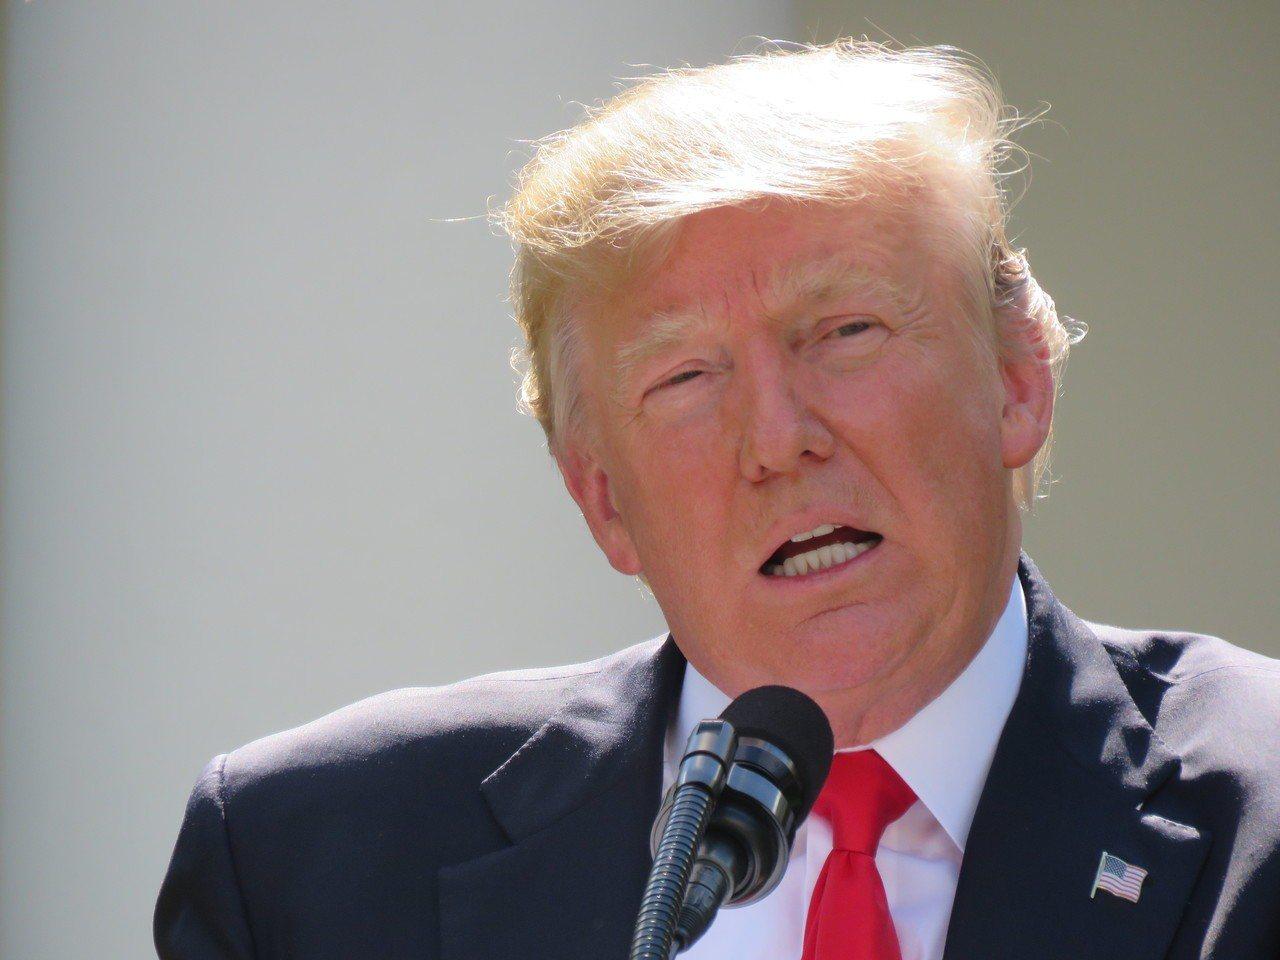 美國總統川普才將北韓重列支持恐怖主義國家名單,美財政部隨即宣布進一步制裁北韓的措...